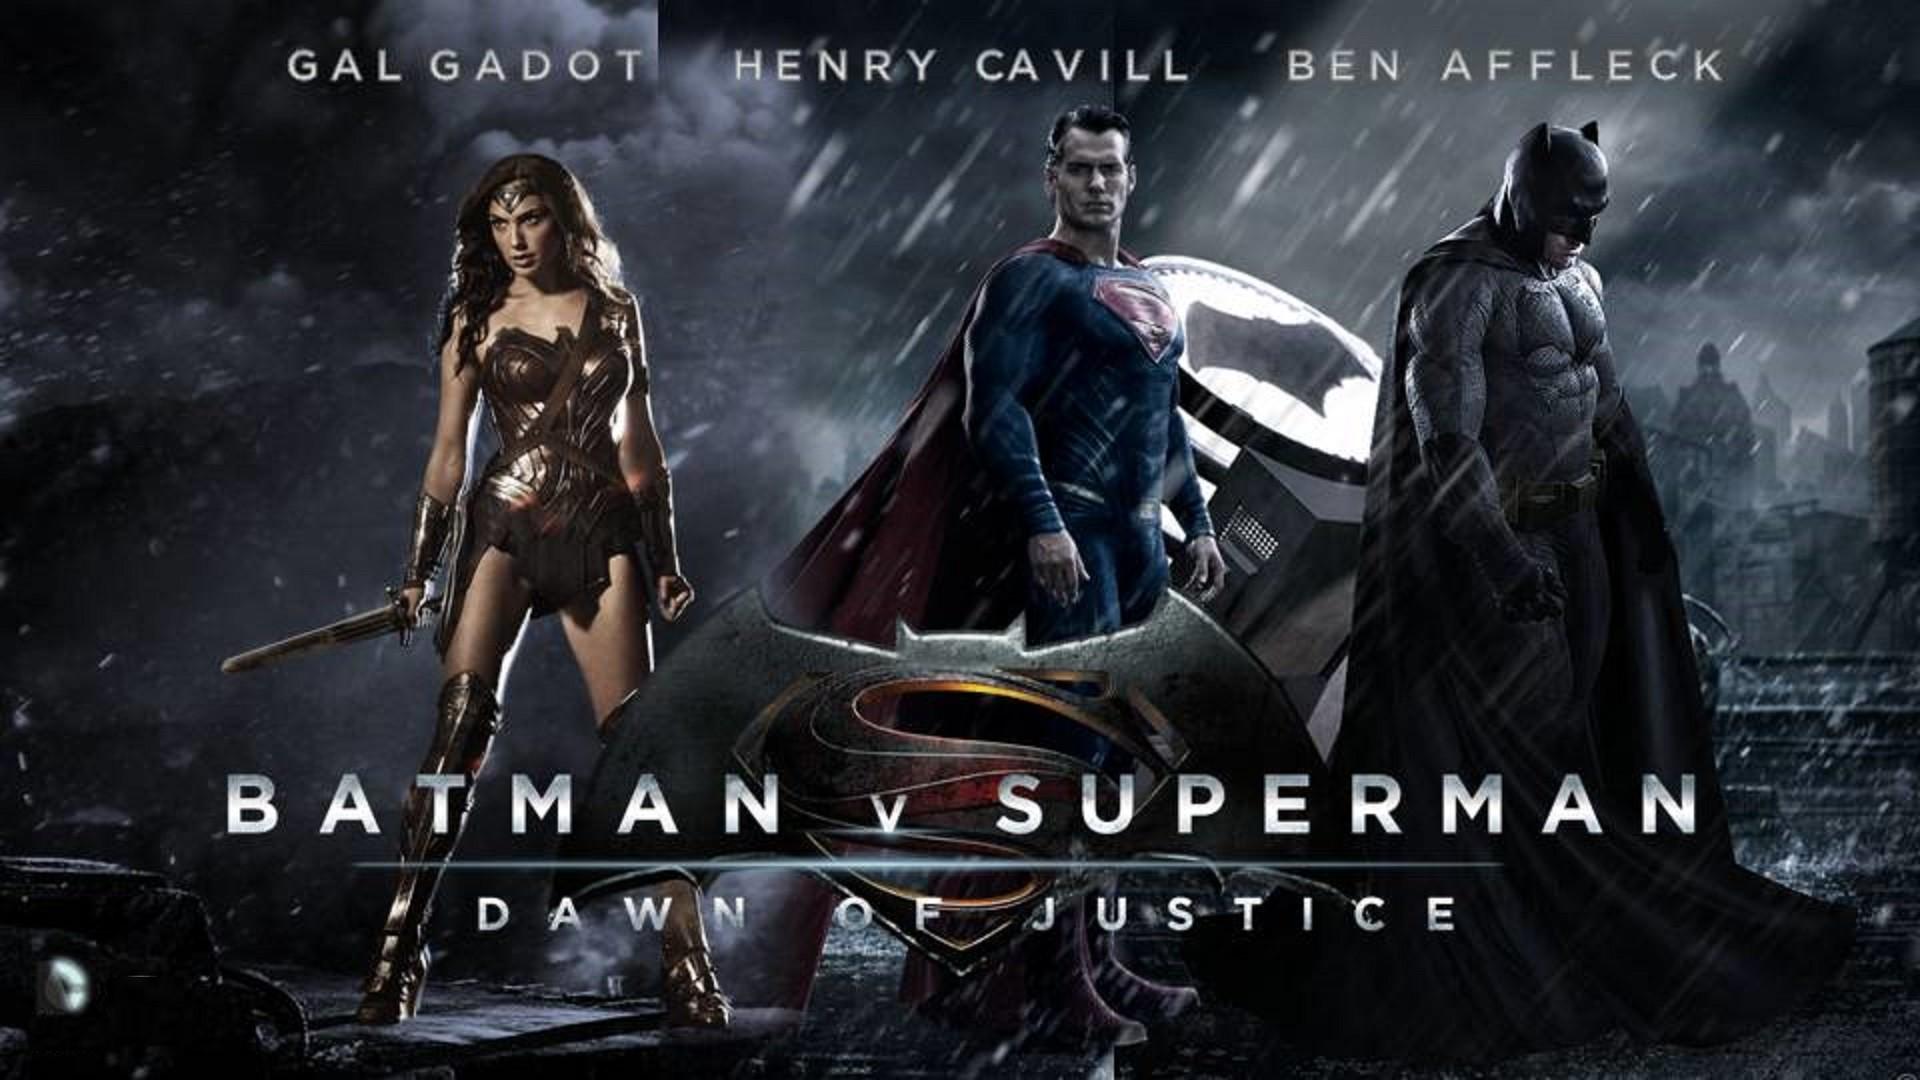 Batman Vs Superman - فيلم Batman V Superman Dawn Of Justice 2016 - HD Wallpaper